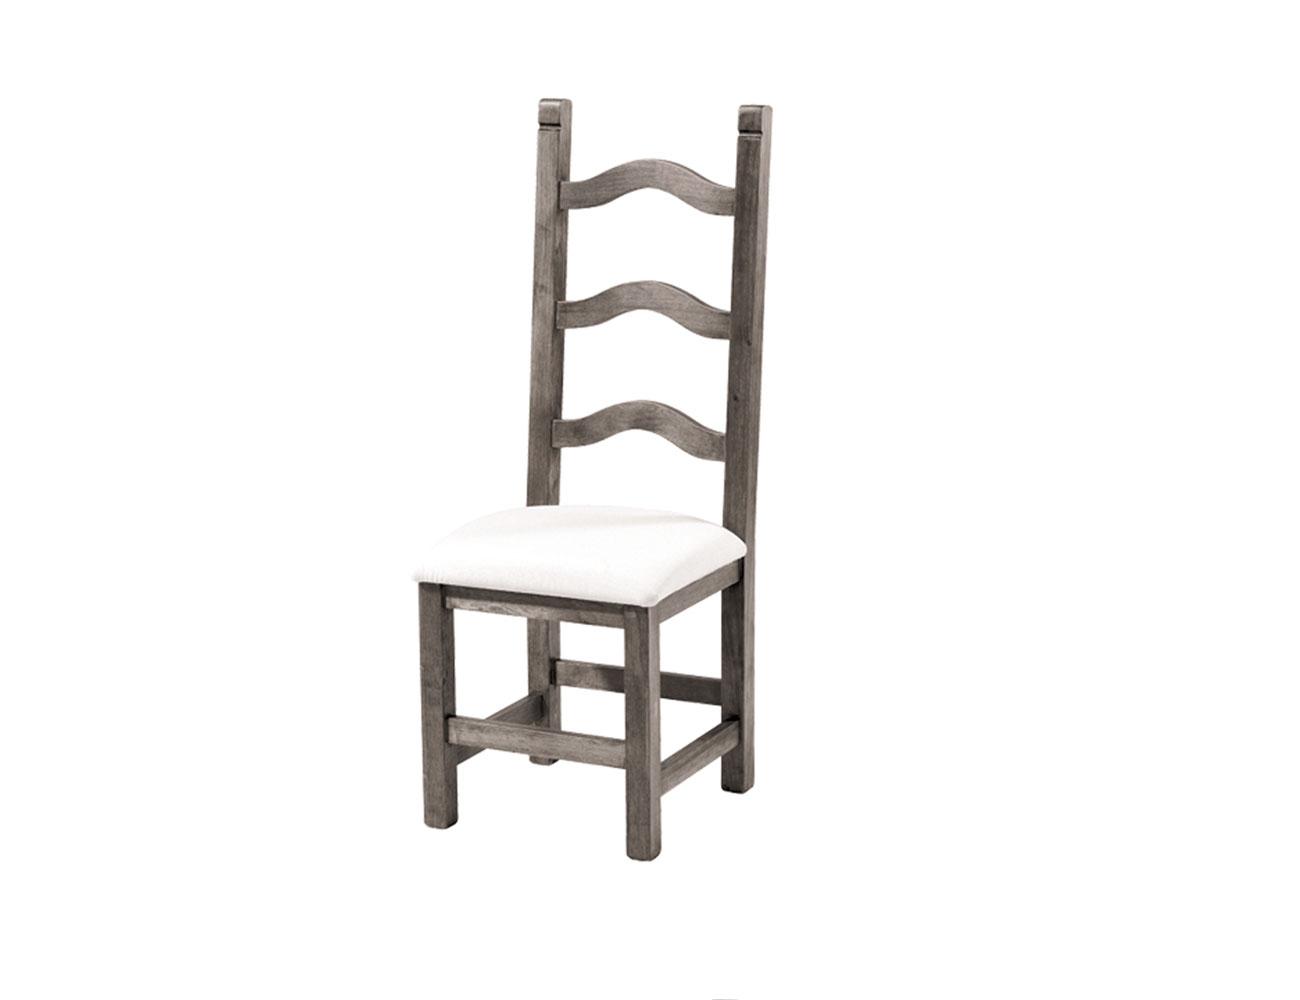 2410101 silla cancun alta asiento pretapizado